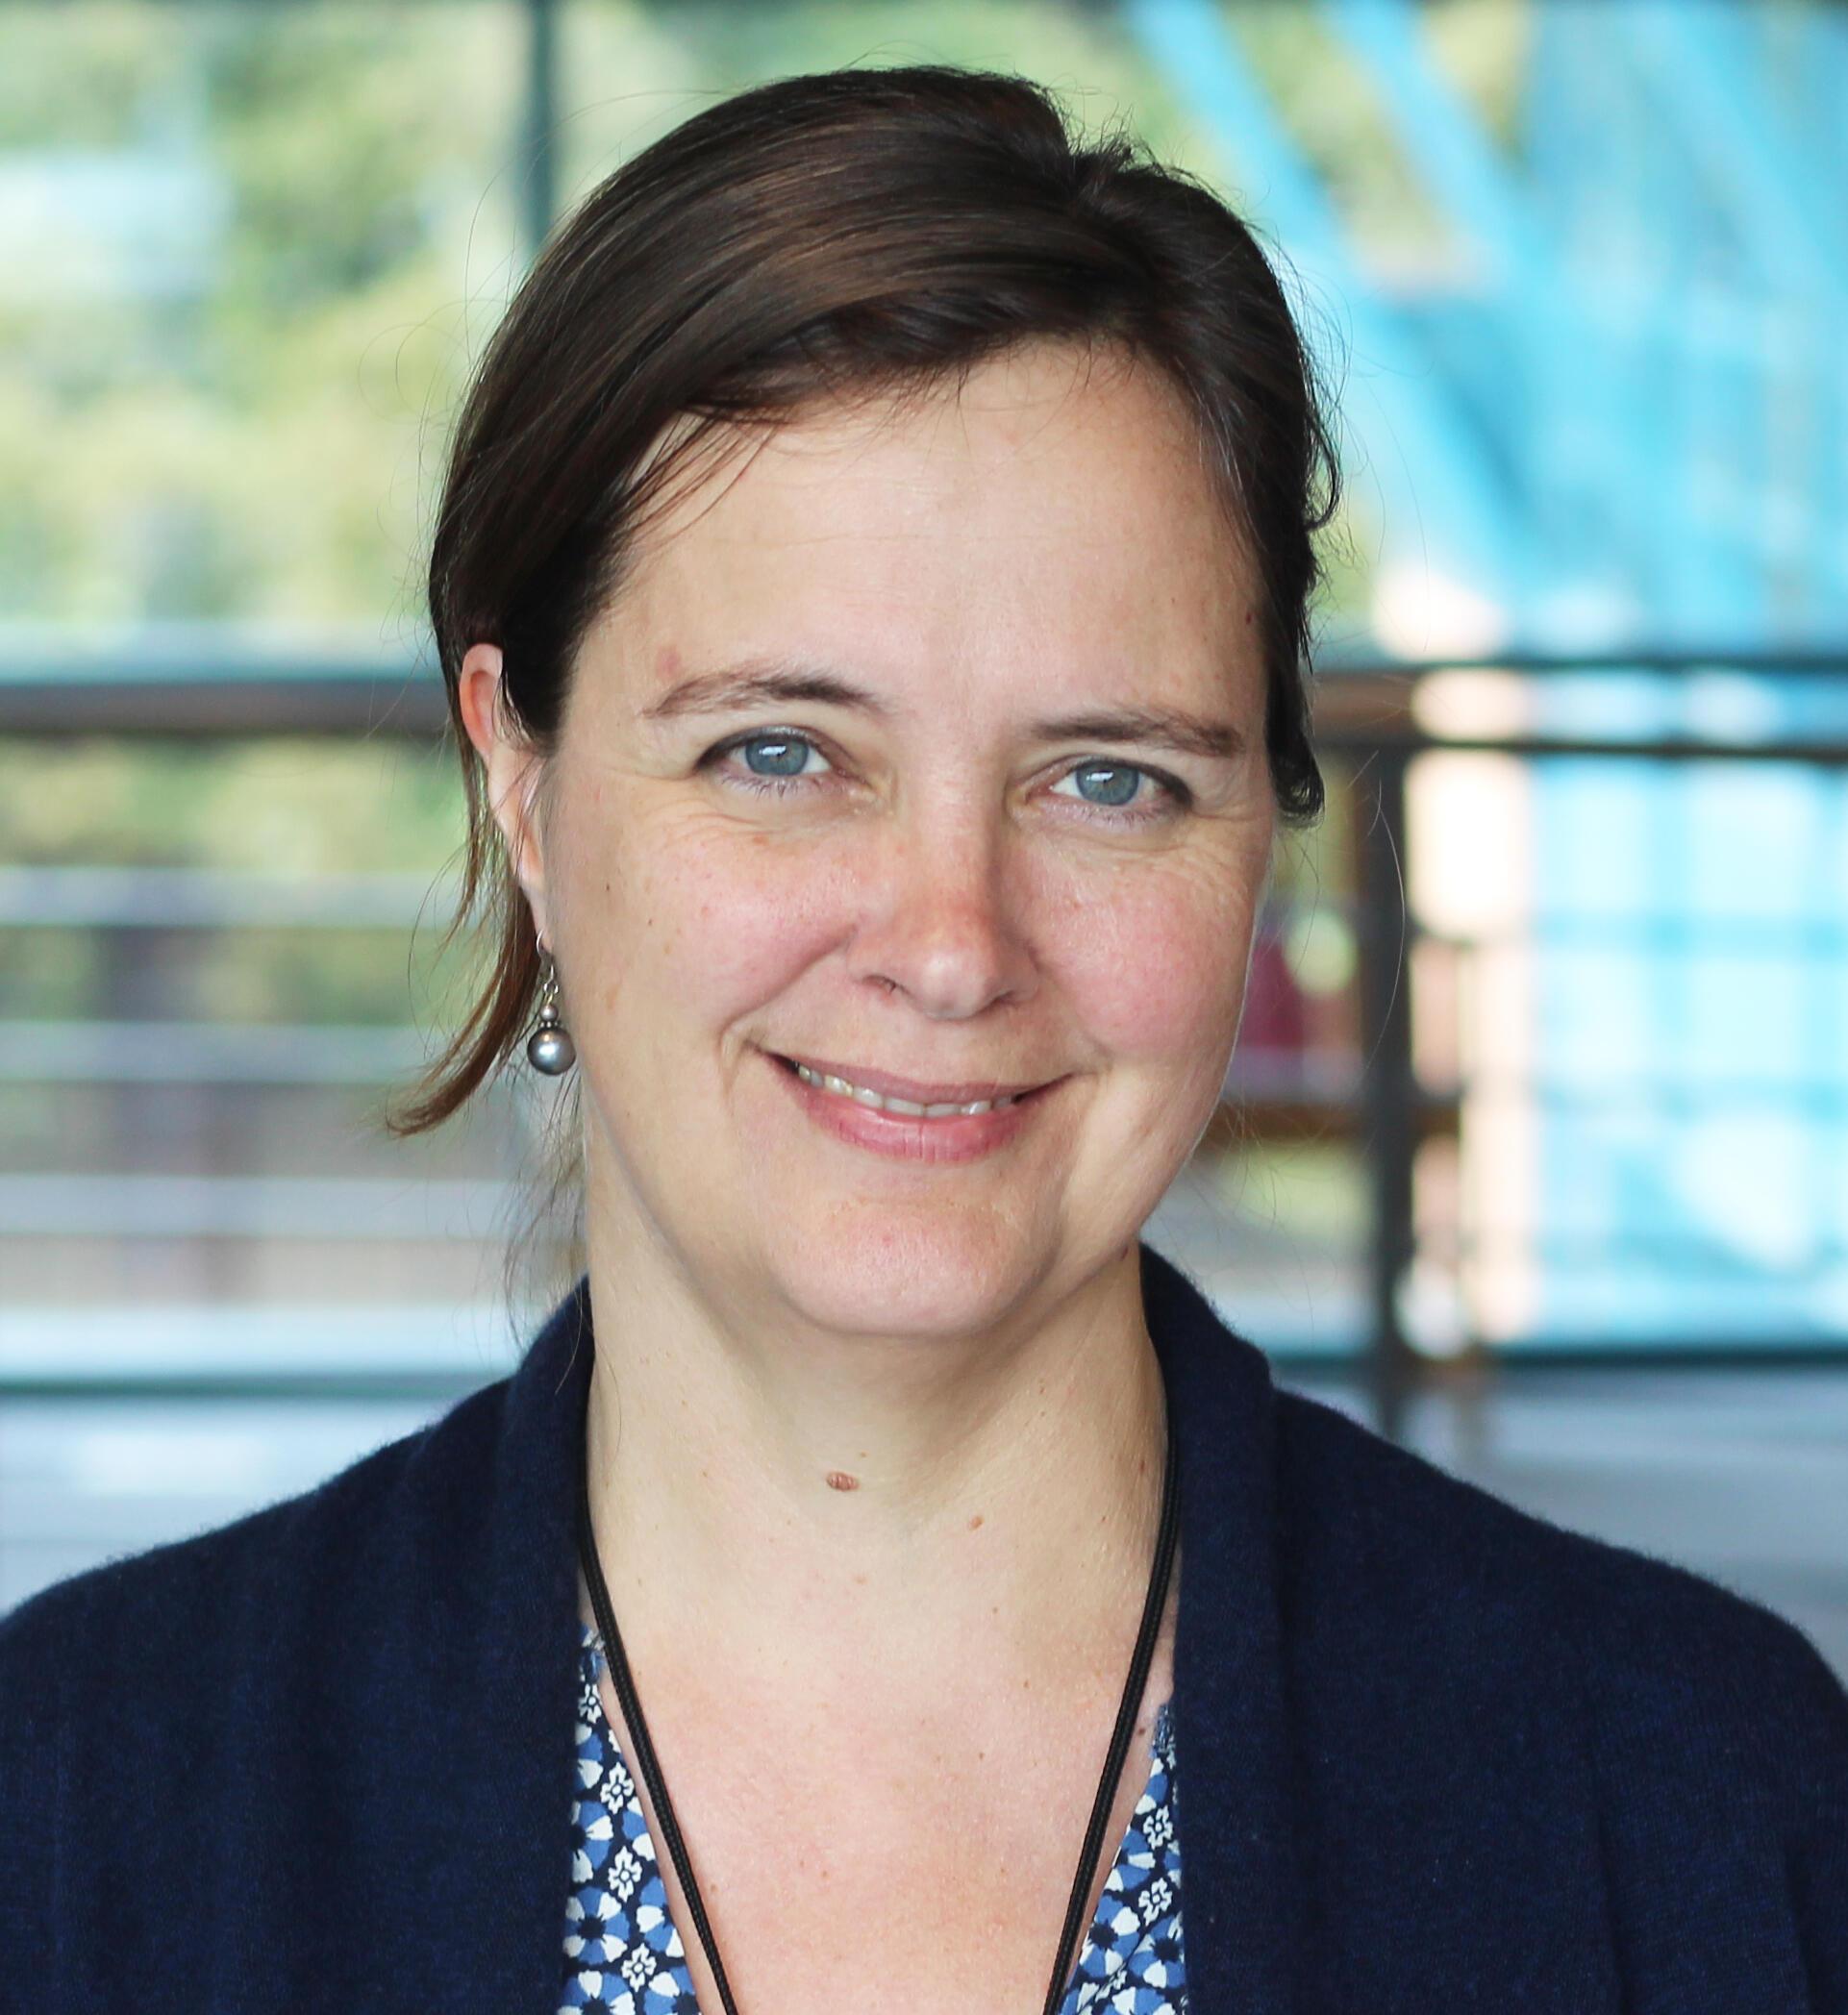 Anna Harte